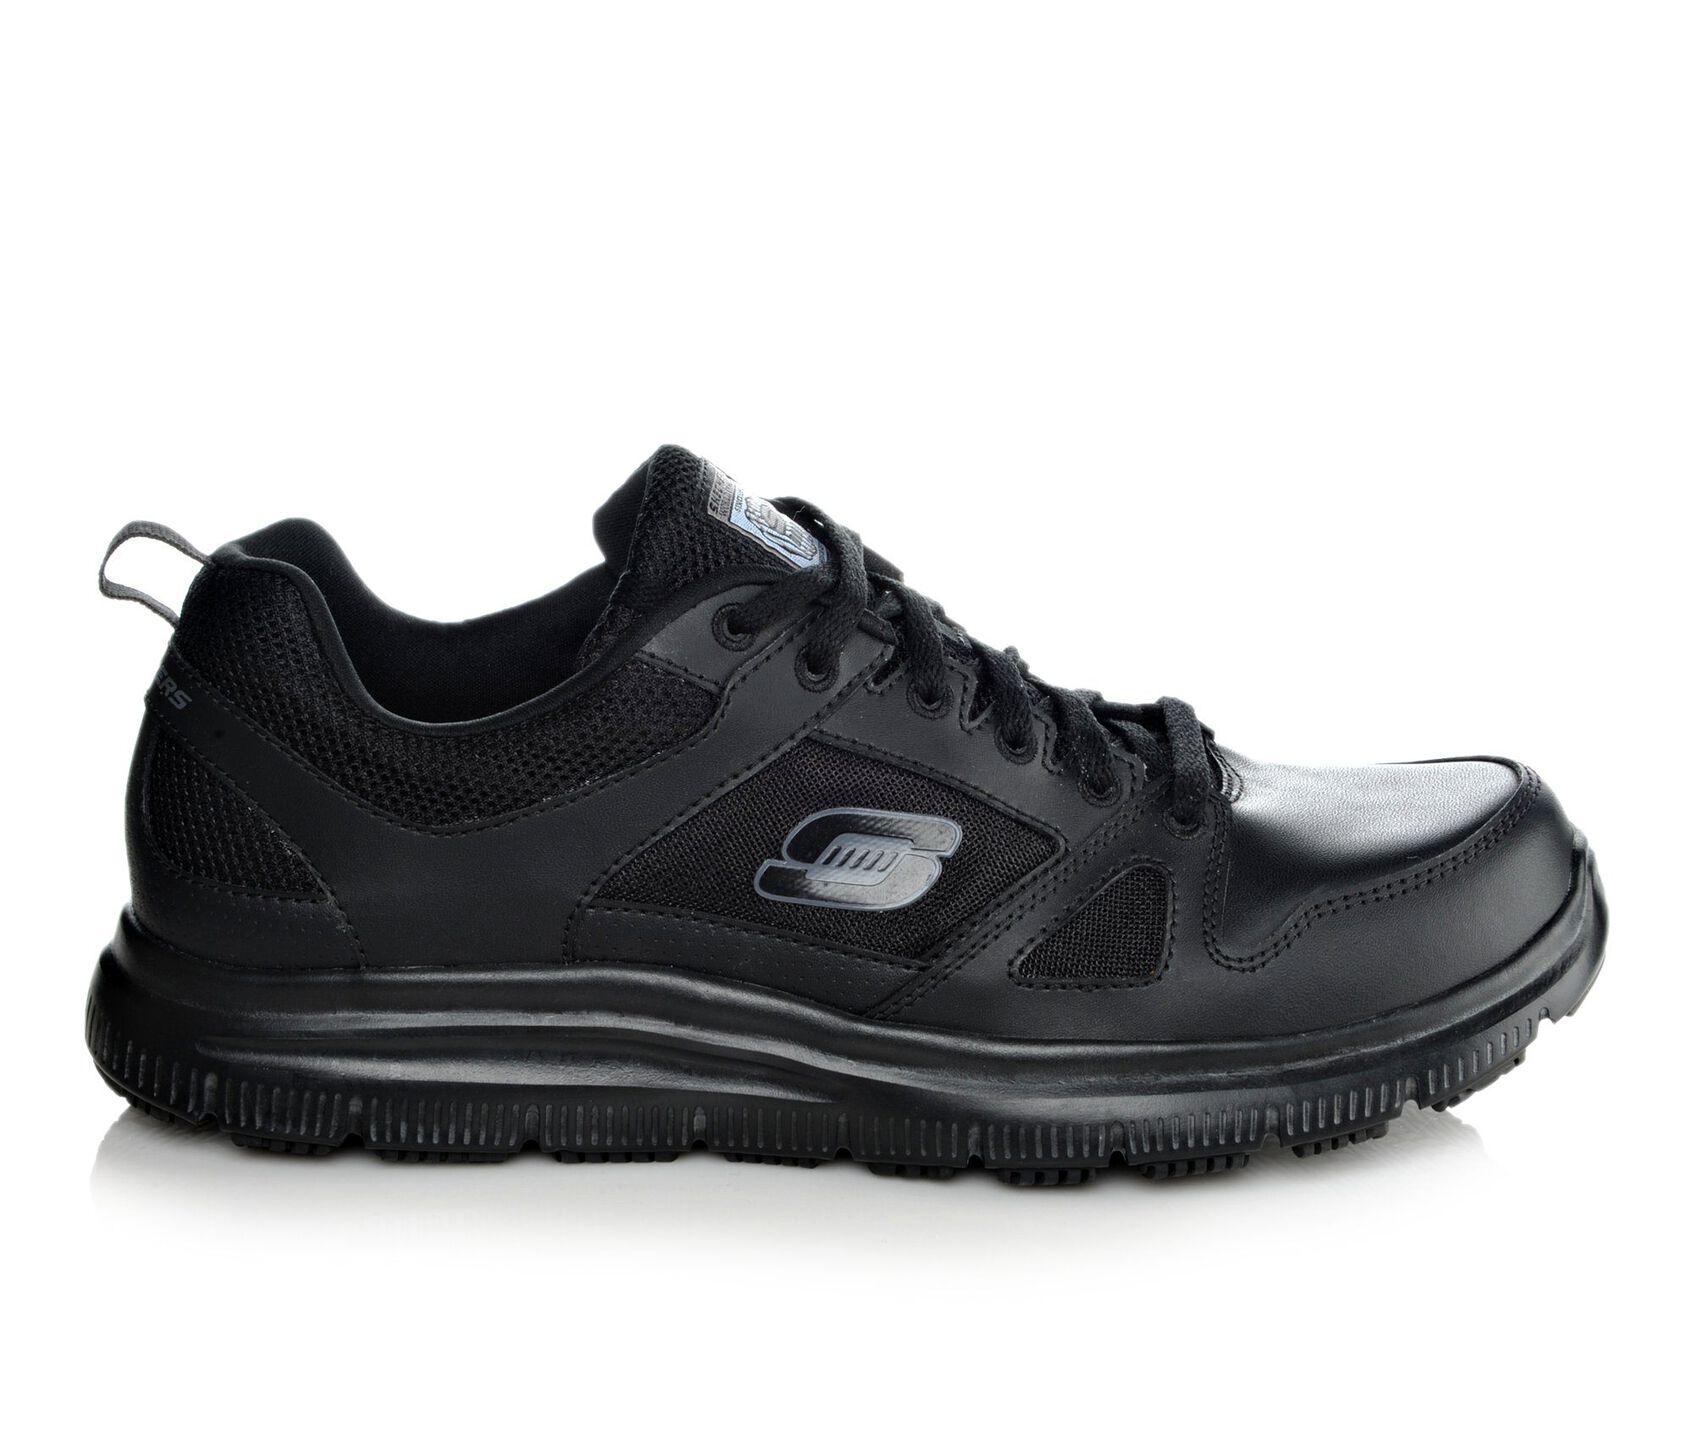 2af3e774d2c ... Skechers Work 77040 Flex Advantage Slip Resistant Safety Shoes. Previous